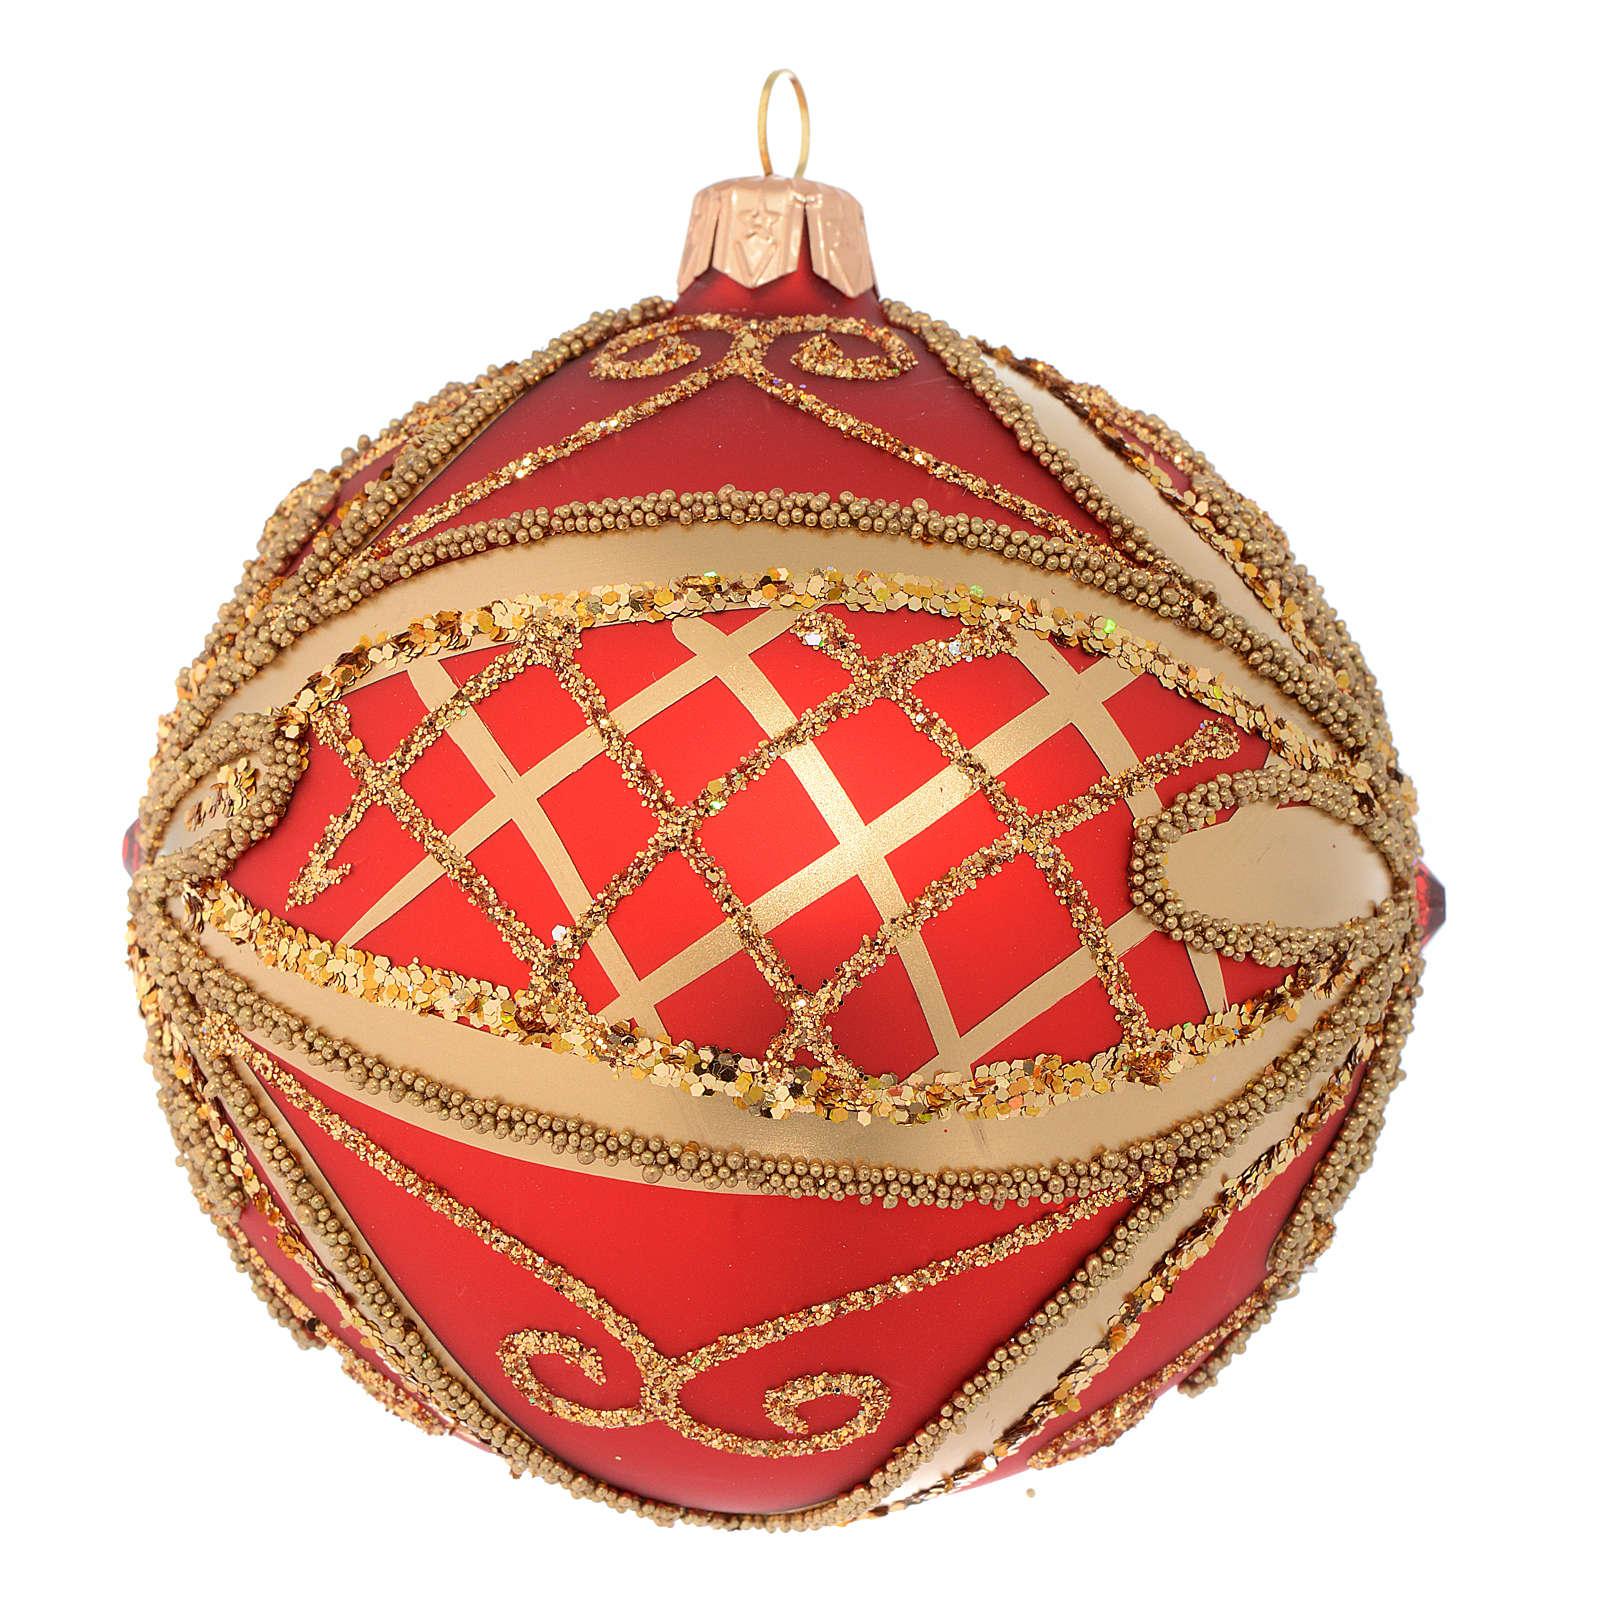 Kugel Für Tannenbaum.Tannenbaum Kugel Roten Glas Goldenen Dekorationen 100mm